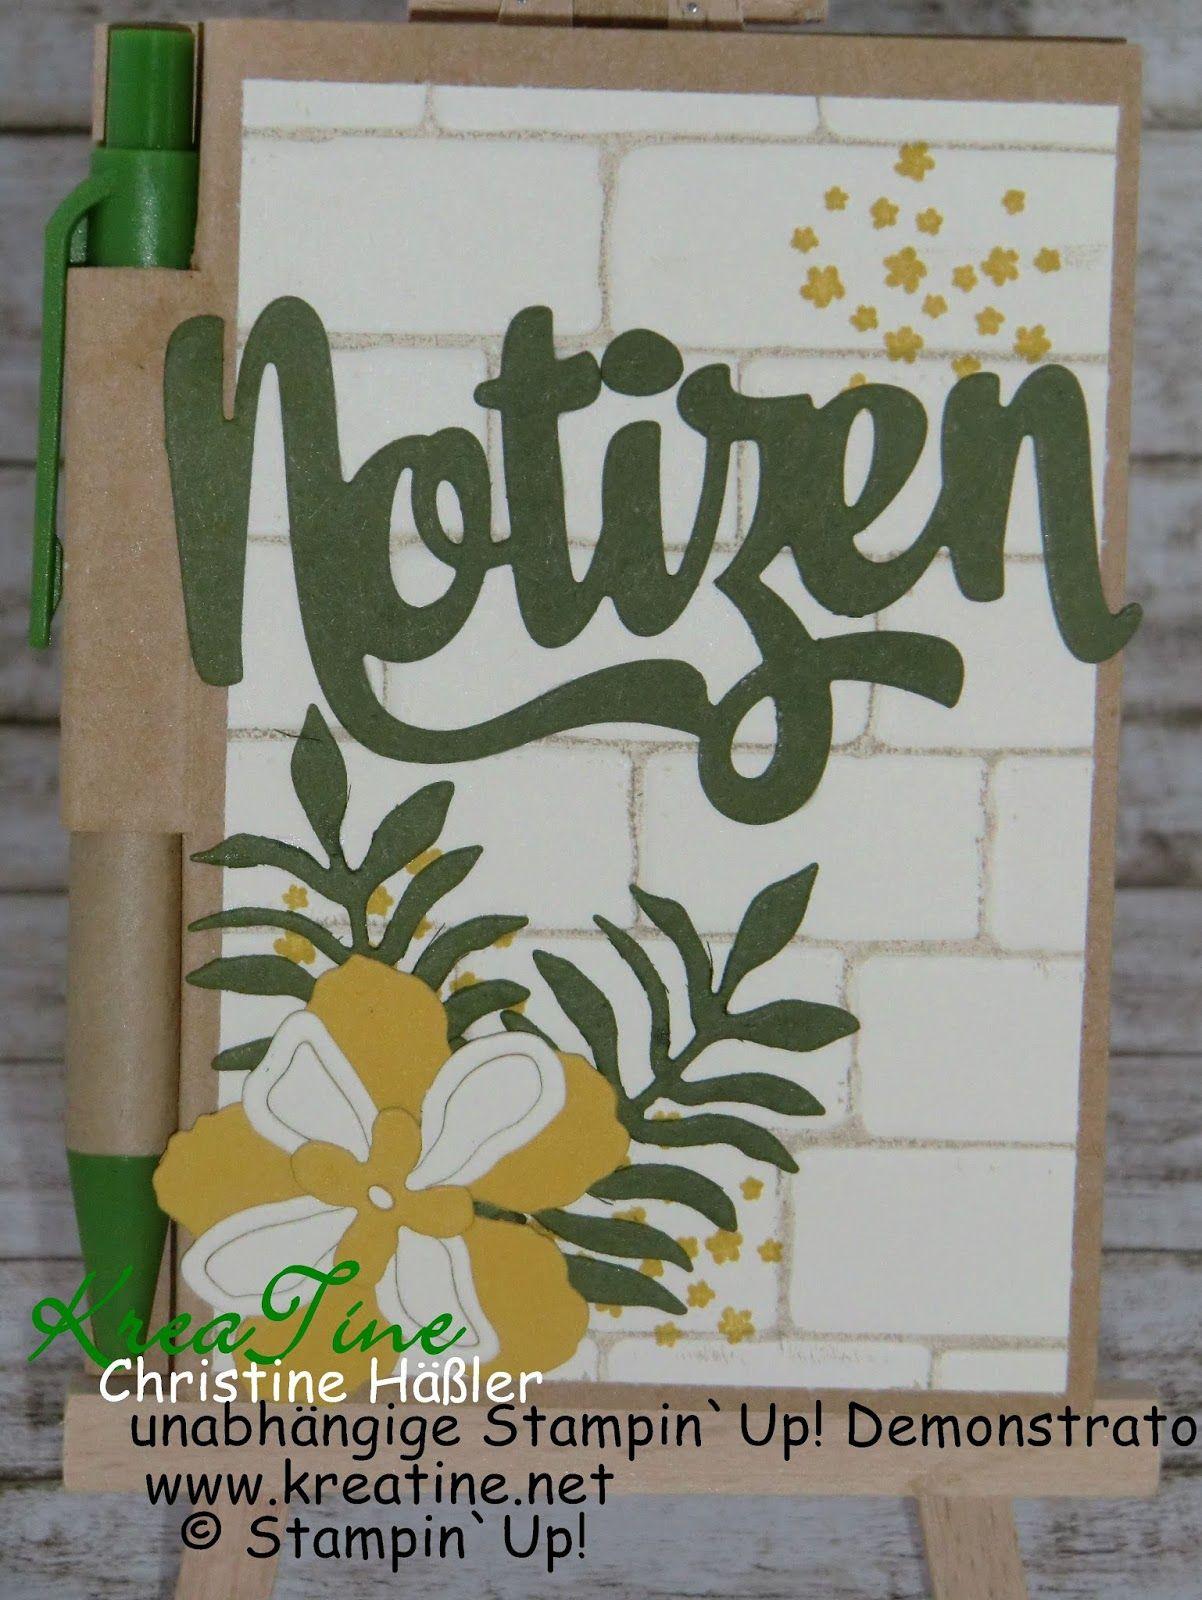 KreaTine: Notizbüchlein Botanischer Garten mit Graffiti-Technik